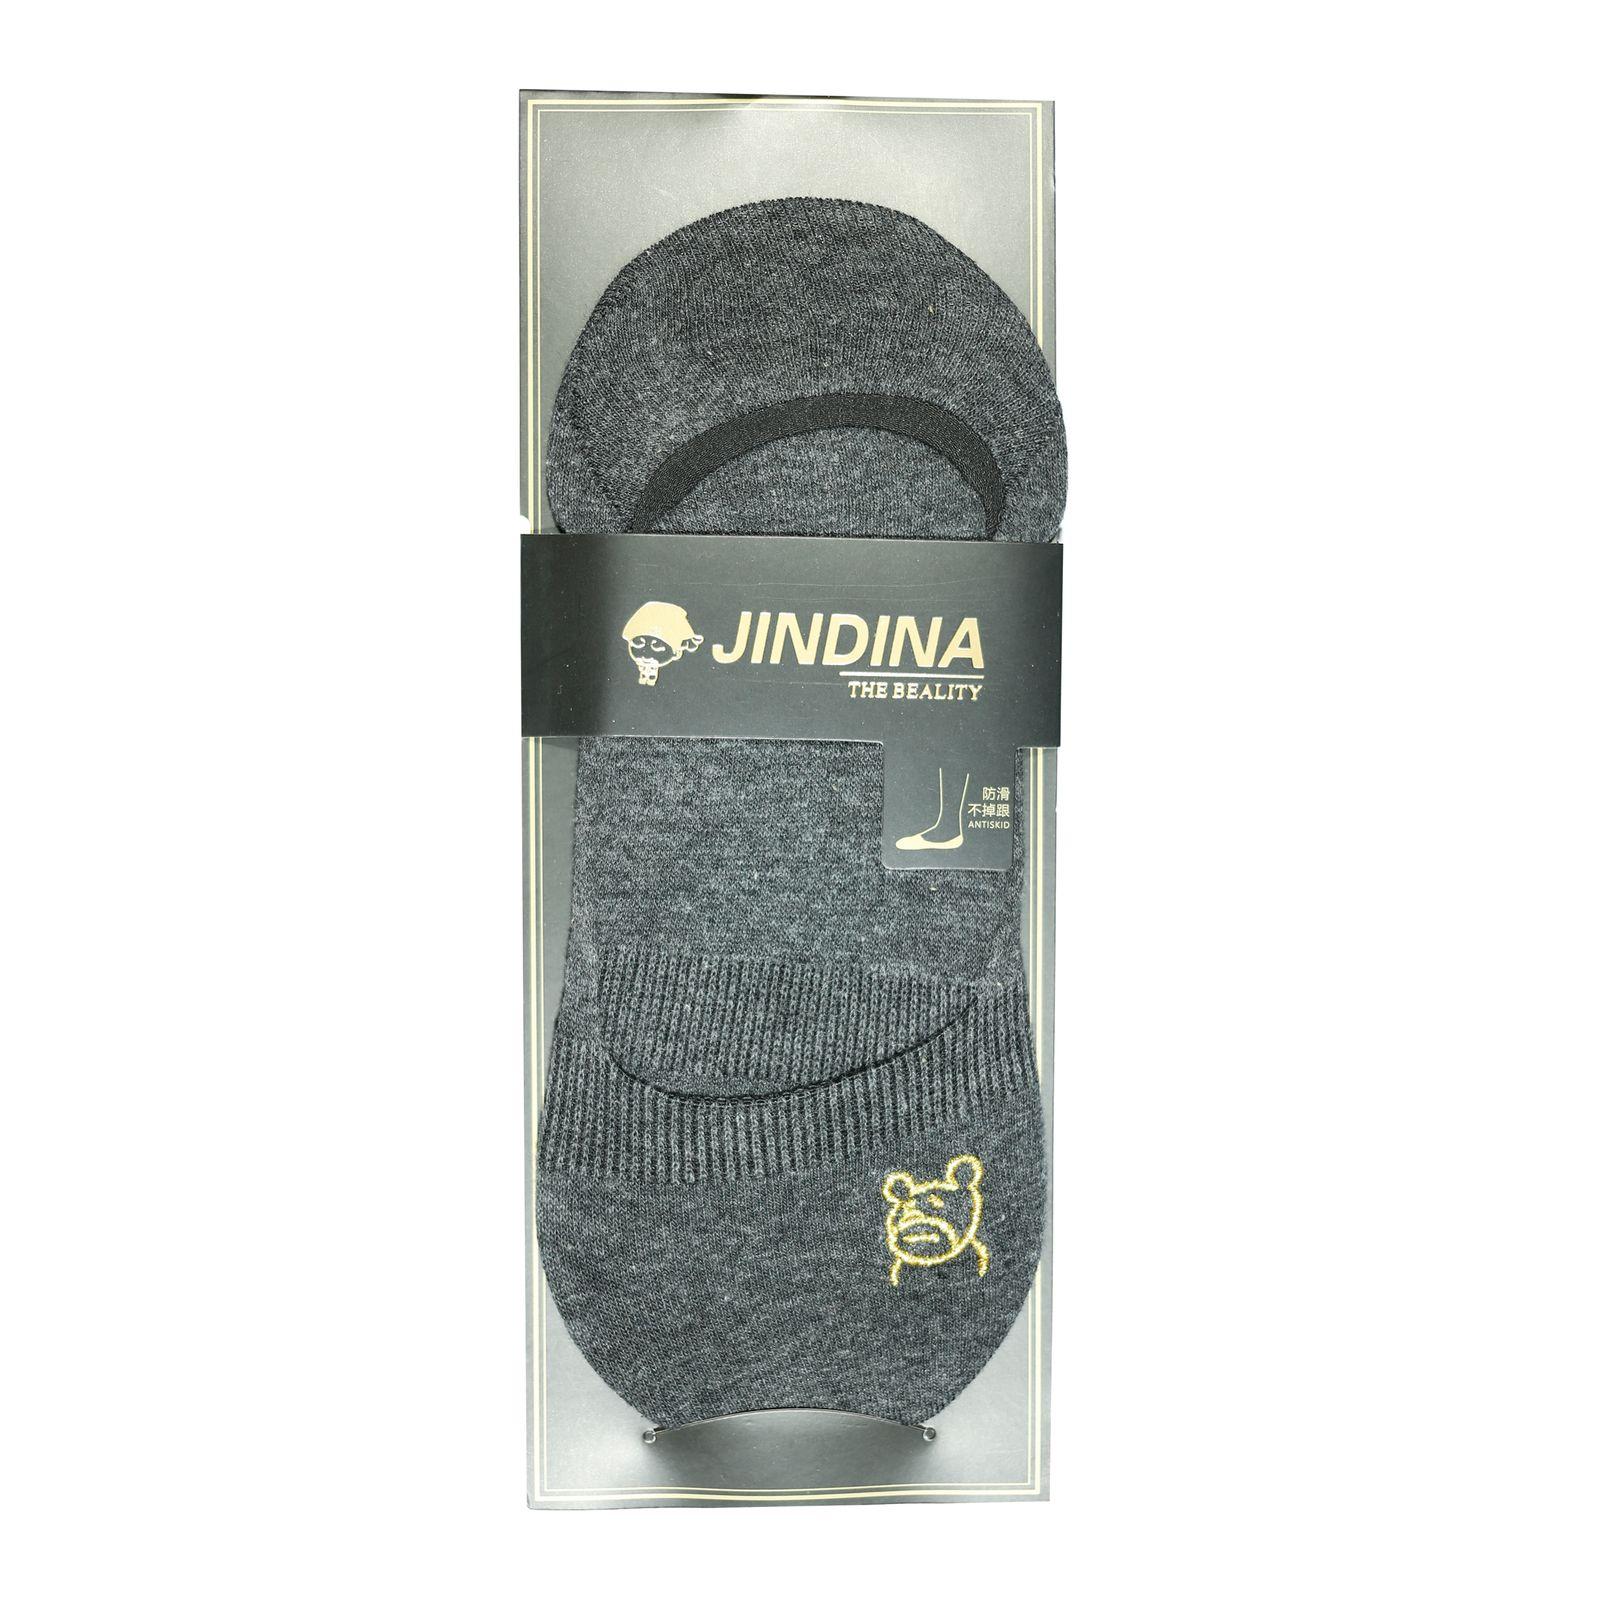 جوراب مردانه جین دینا کد RG-CK 101 -  - 3